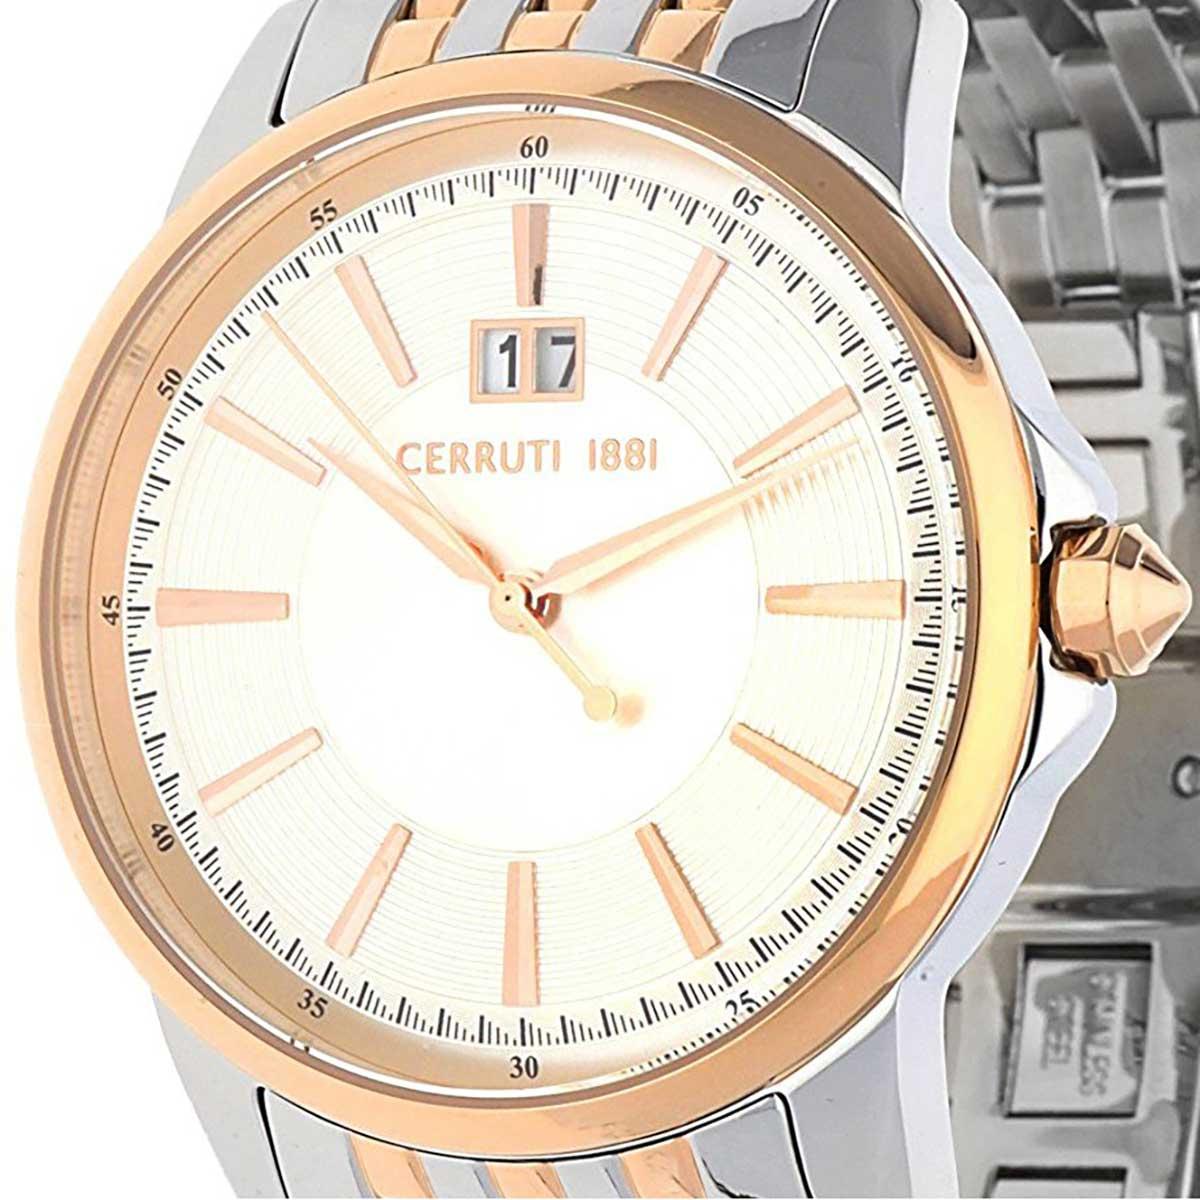 【残り1点】CERRUTI 1881 チェルッティ1881 電池式クォーツ 腕時計 [CRA072STR04MRT] 並行輸入品 ゴールド(金)